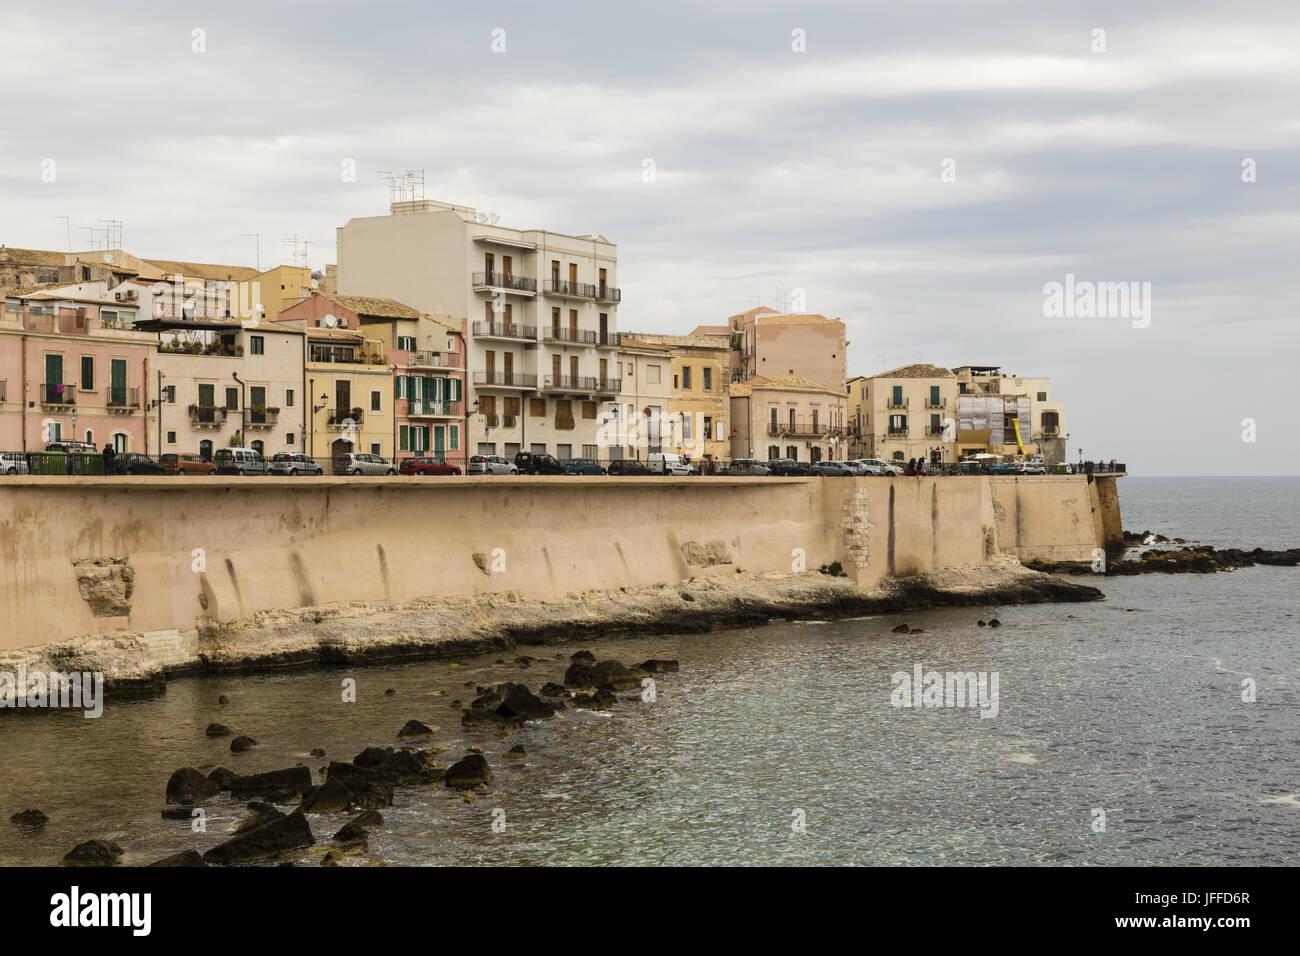 Centro storico di Siracusa, Sicilia, Italia Foto Stock